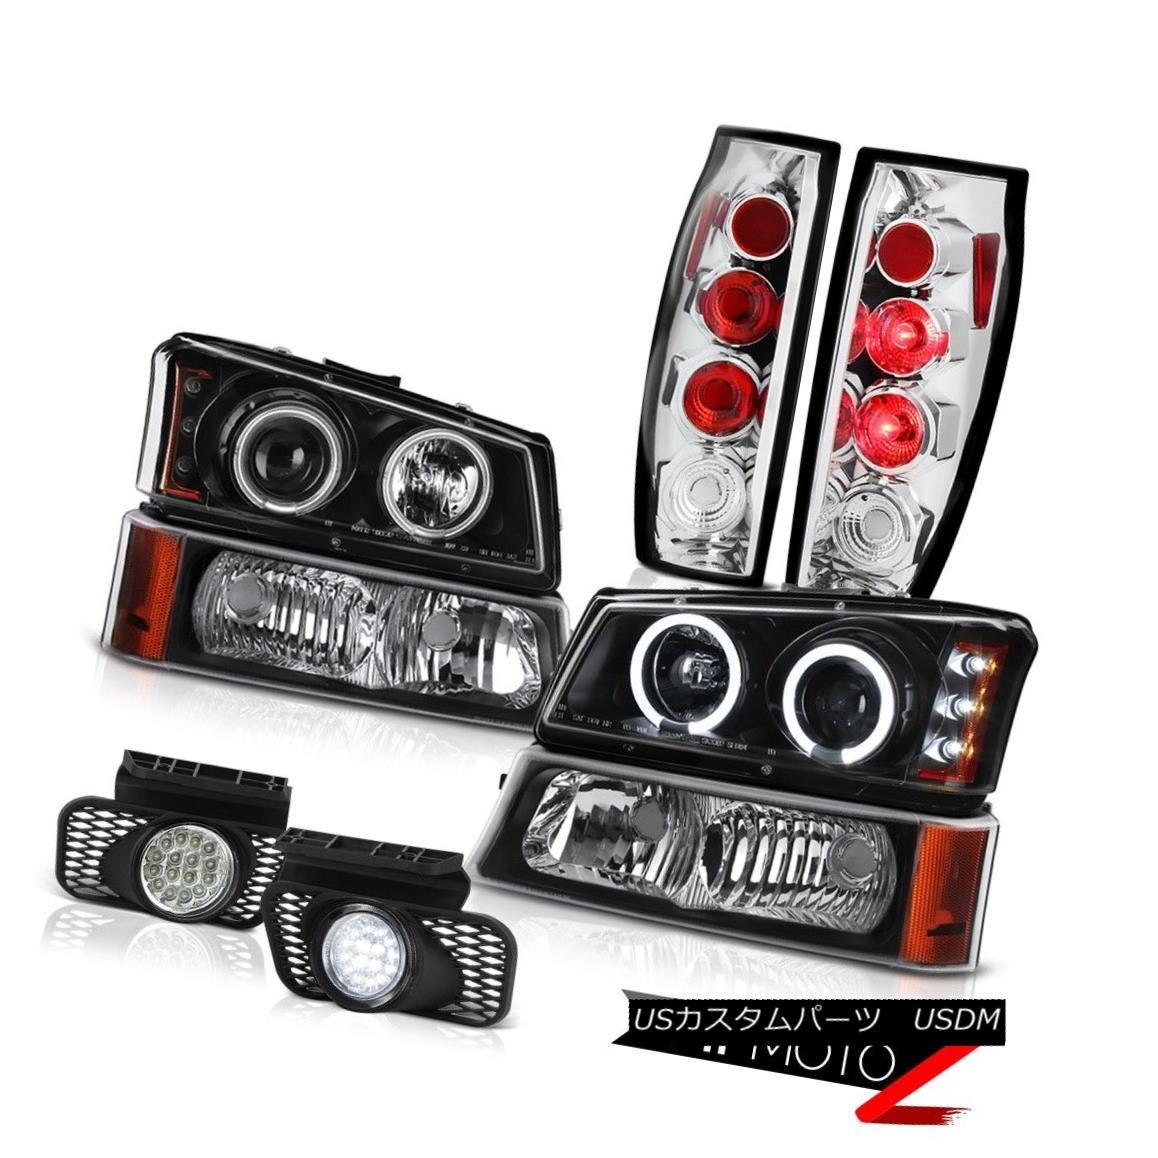 テールライト 2003-2006 Chevy Avalanche Foglamps Tail Lights Bumper Lamp Projector Headlamps 2003-2006シボレーアバランシェフォグランプテールライトバンパーランププロジェクターヘッドランプ